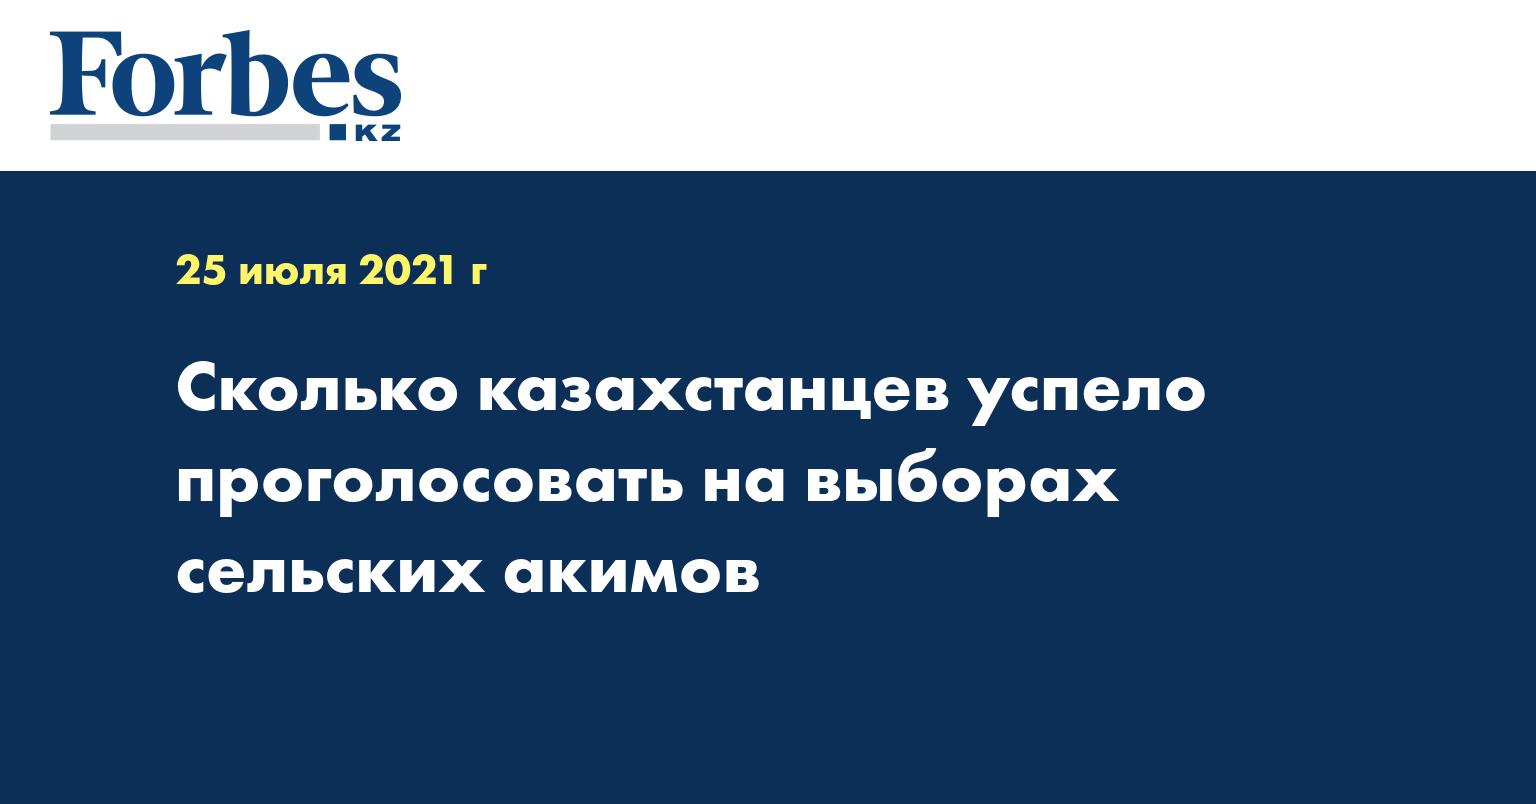 Сколько казахстанцев успело проголосовать на выборах сельских акимов